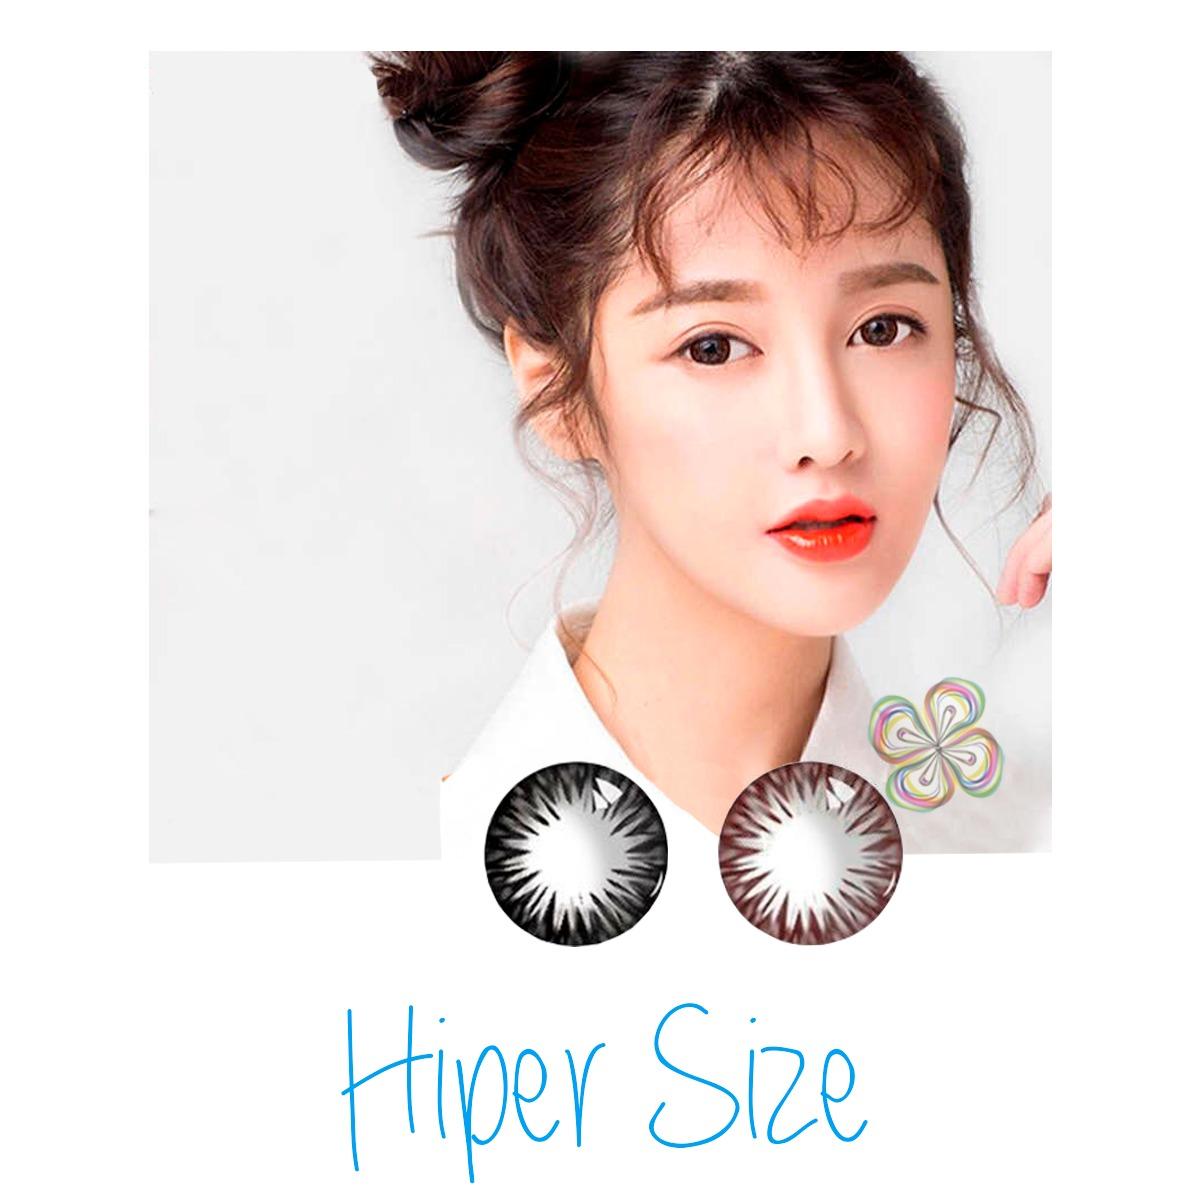 Pupilentes Hiper Size De Lujo Colores Naturales 14.5mm + Estuche